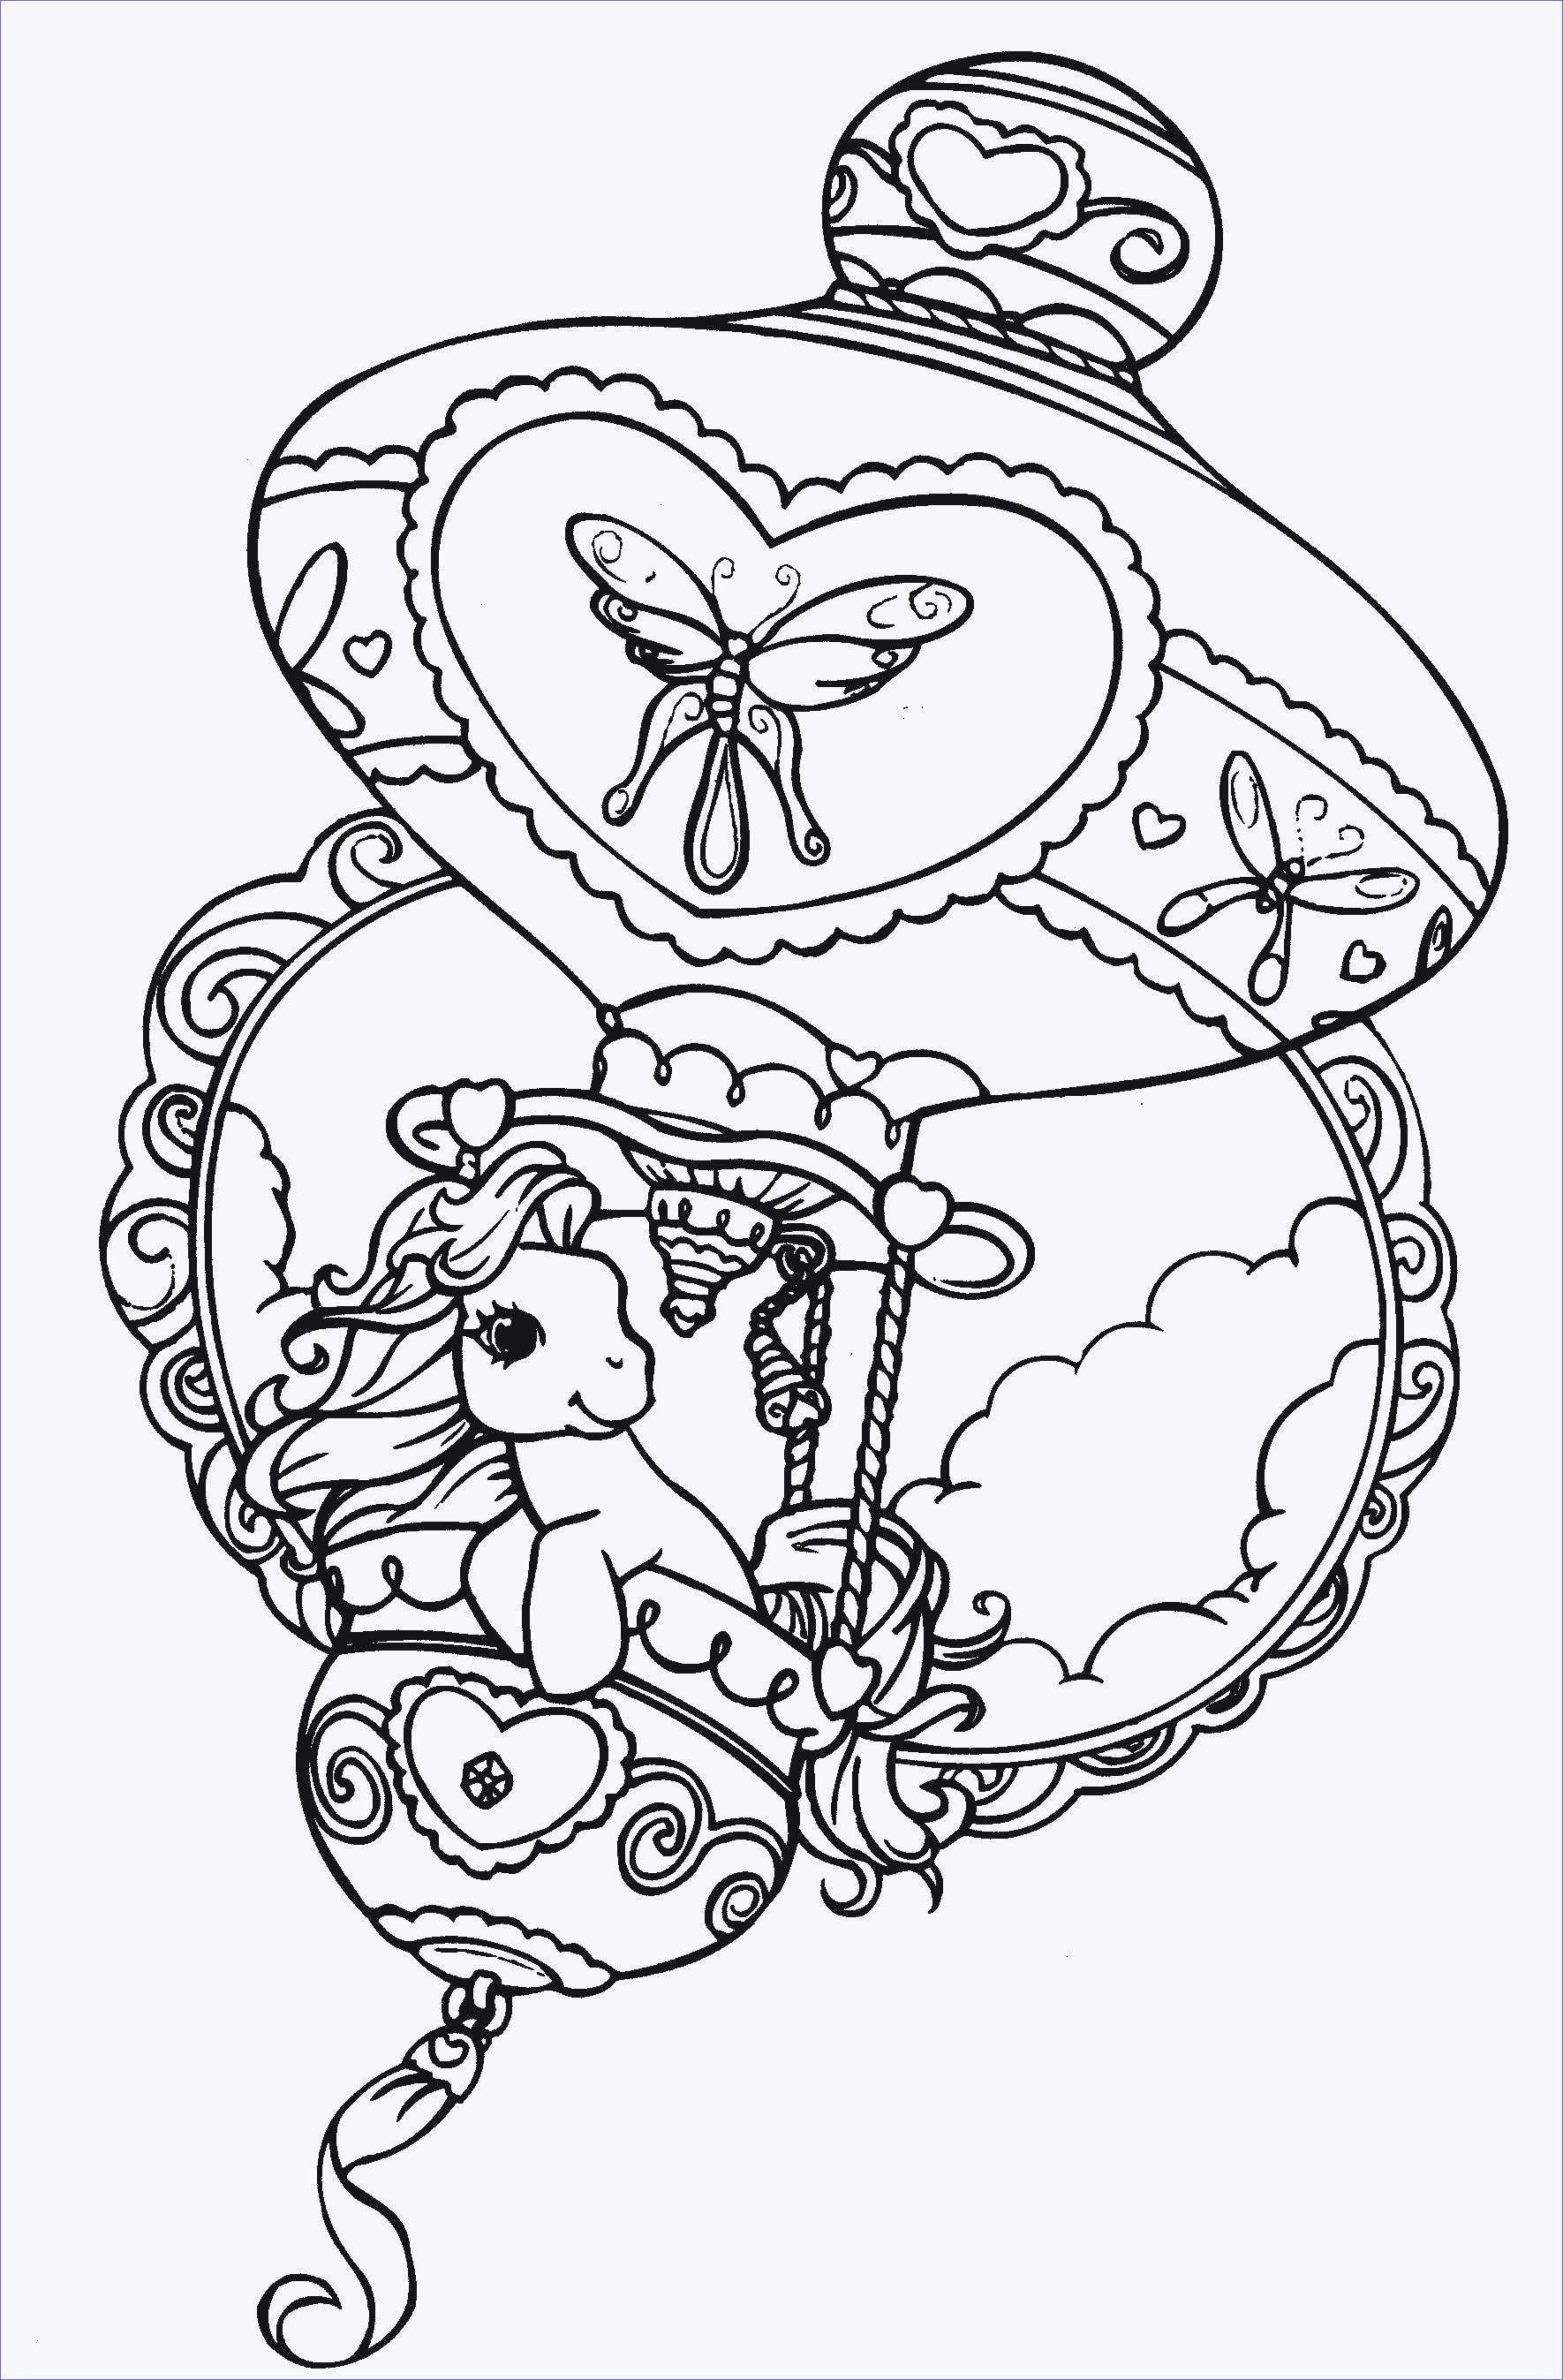 Equestria Girls Ausmalbilder Einzigartig My Little Pony Ausmalbilder Inspirierend Equestria Girl Ausmalbilder Bild